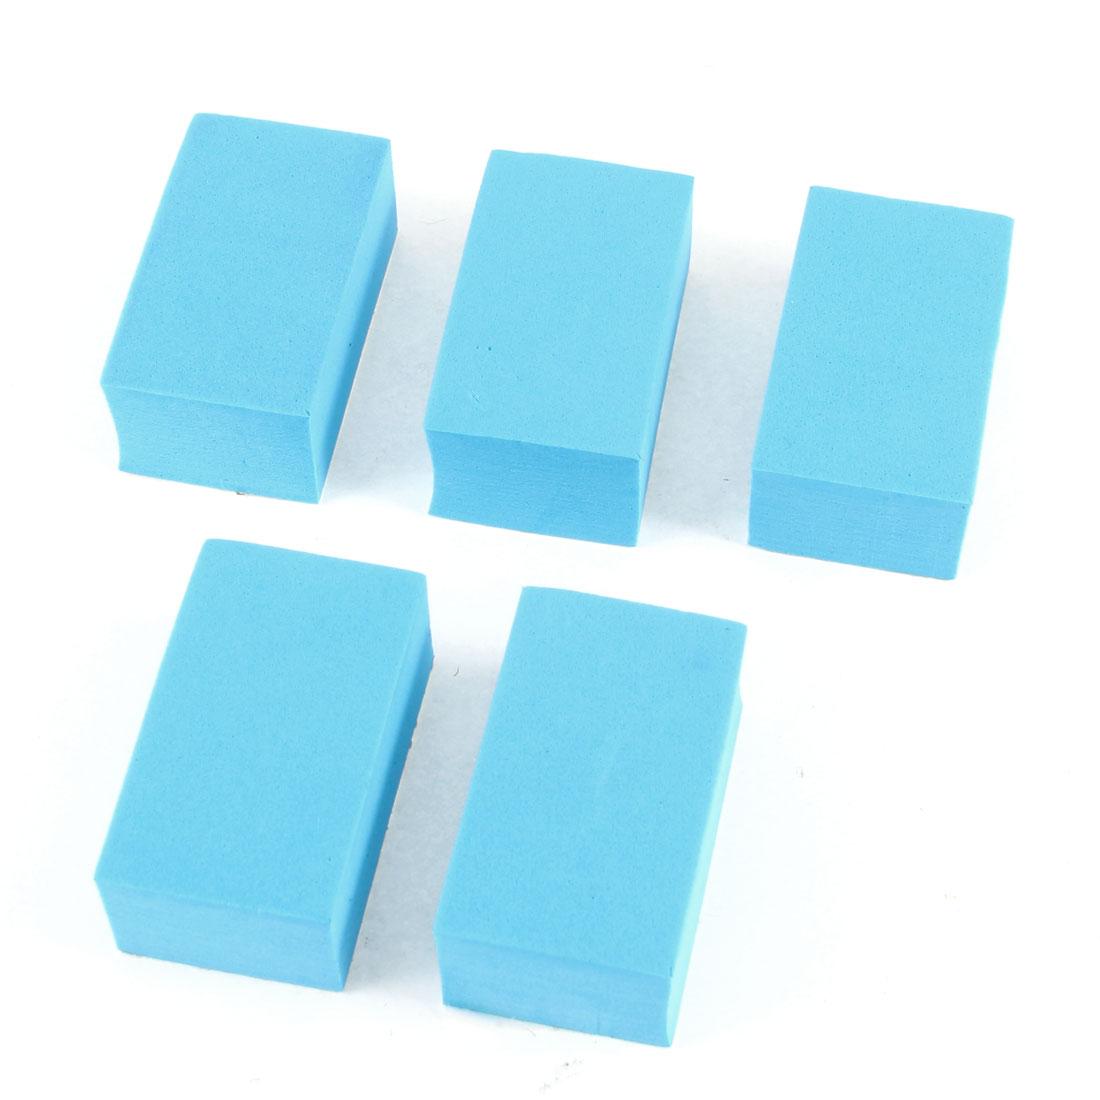 5 Pcs Car Ornament Self Adhesive Foam Door Guard Protector Stickers Maya Blue